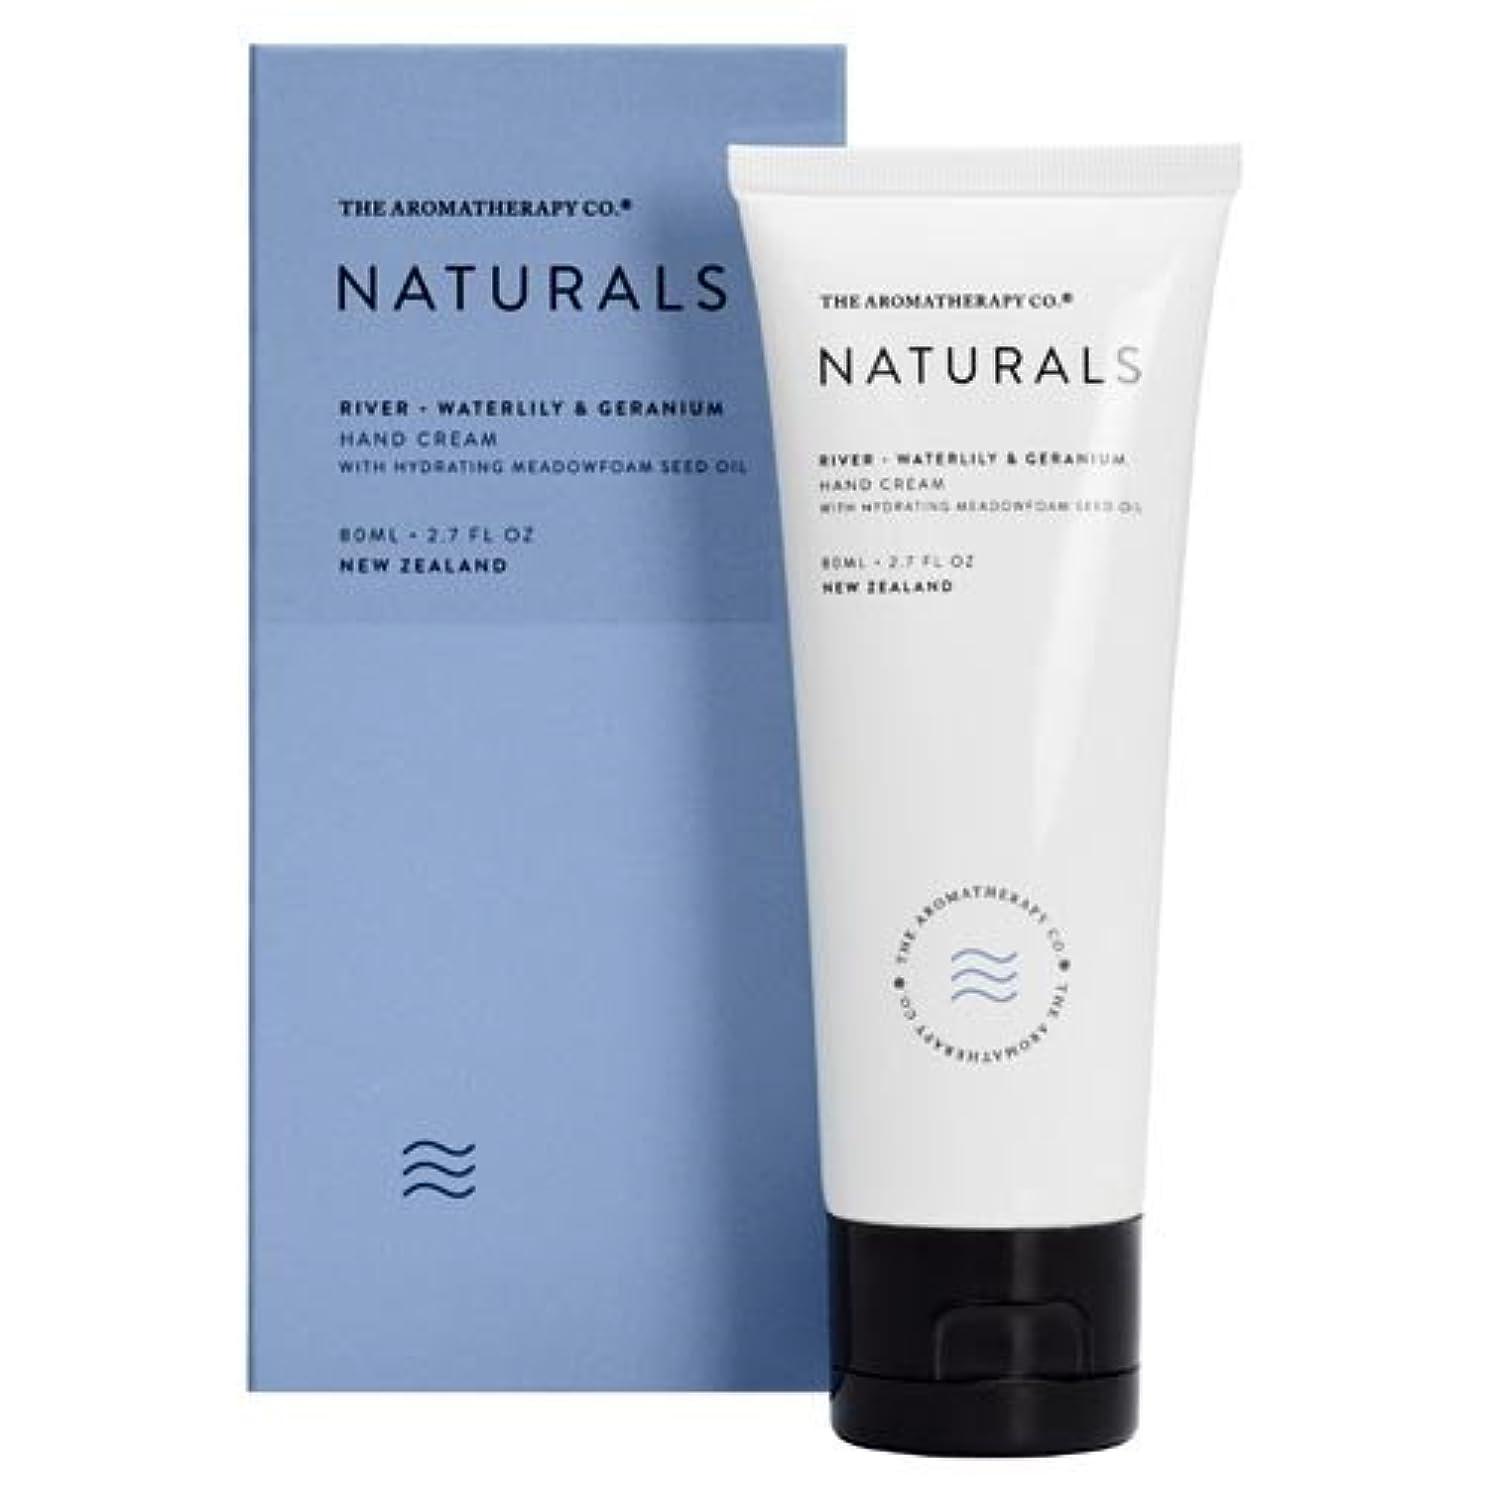 ポンド勝利良性new NATURALS ナチュラルズ Hand Cream ハンドクリーム River リバー(川)Waterlily & Geranium ウォーターリリー&ゼラニウム